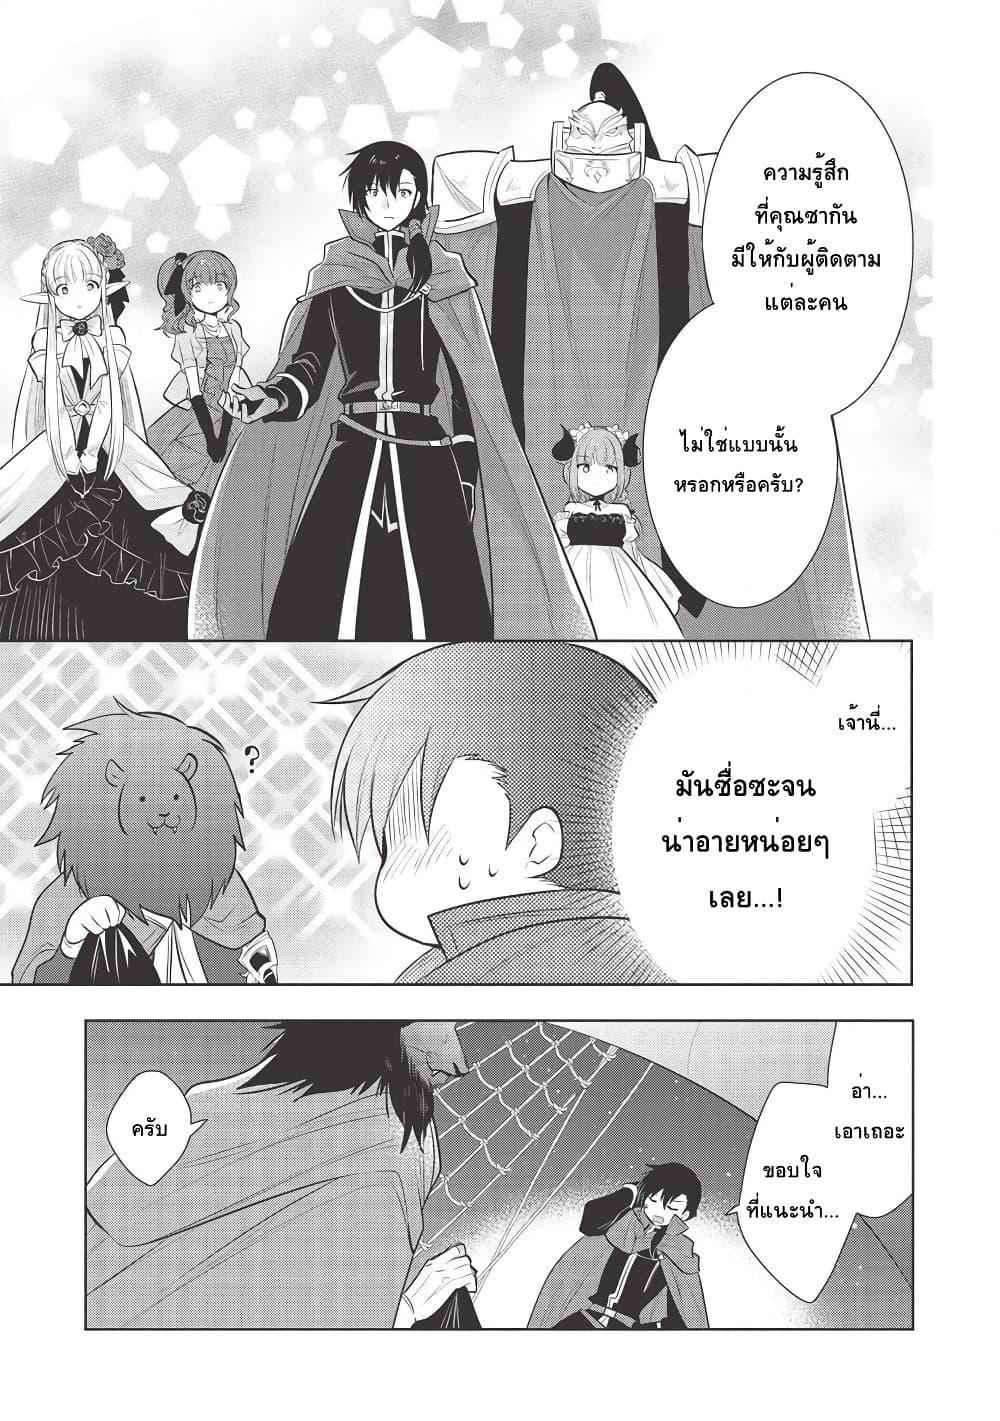 อ่านการ์ตูน Maou no Ore ga Dorei Elf wo Yome ni Shitanda ga Dou Medereba Ii ตอนที่ 28 หน้าที่ 29